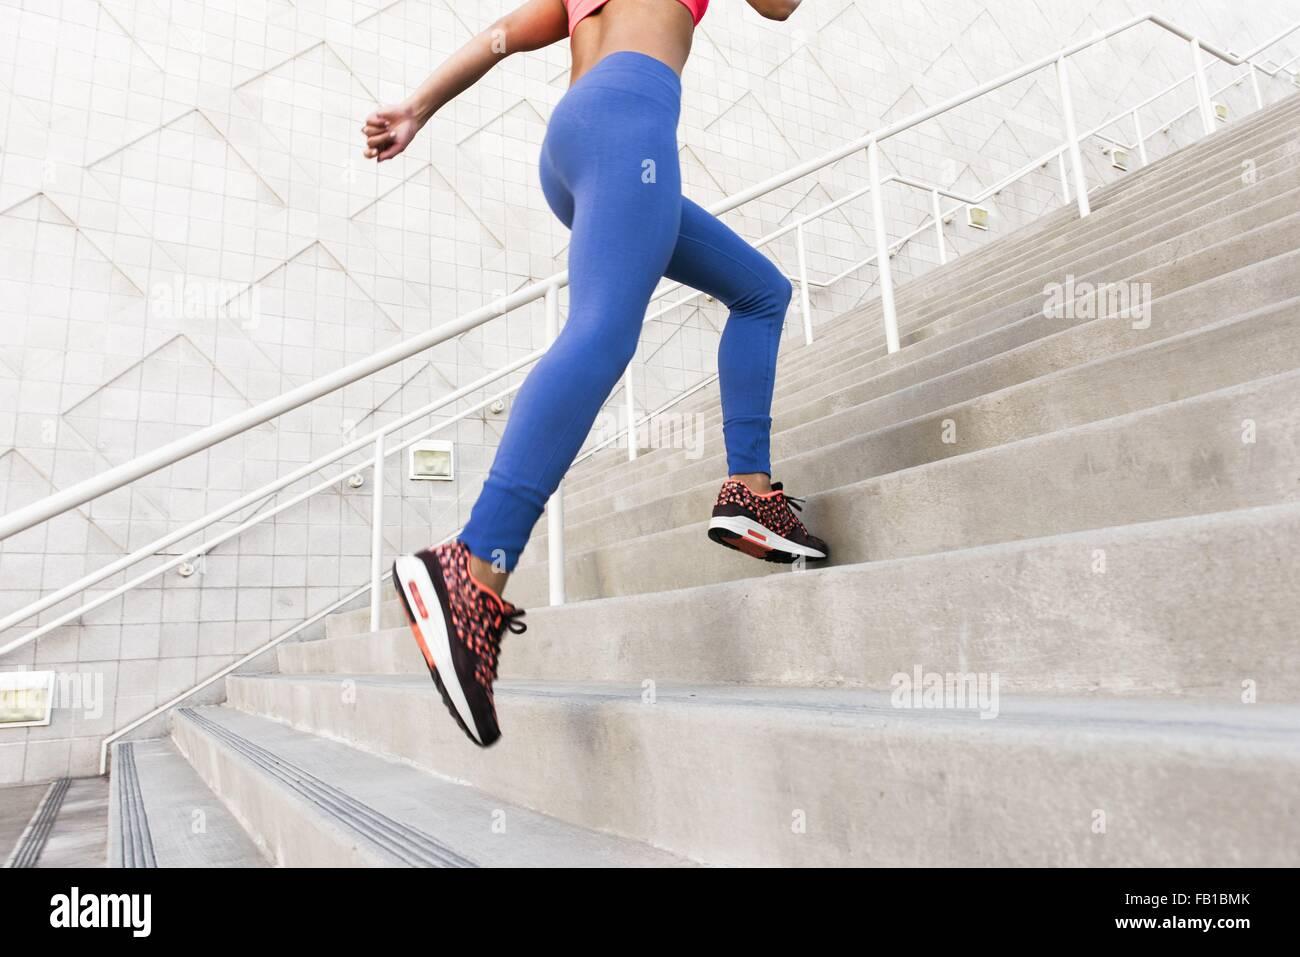 Vista trasera de ángulo bajo de joven, vistiendo ropa deportiva corriendo escaleras Imagen De Stock